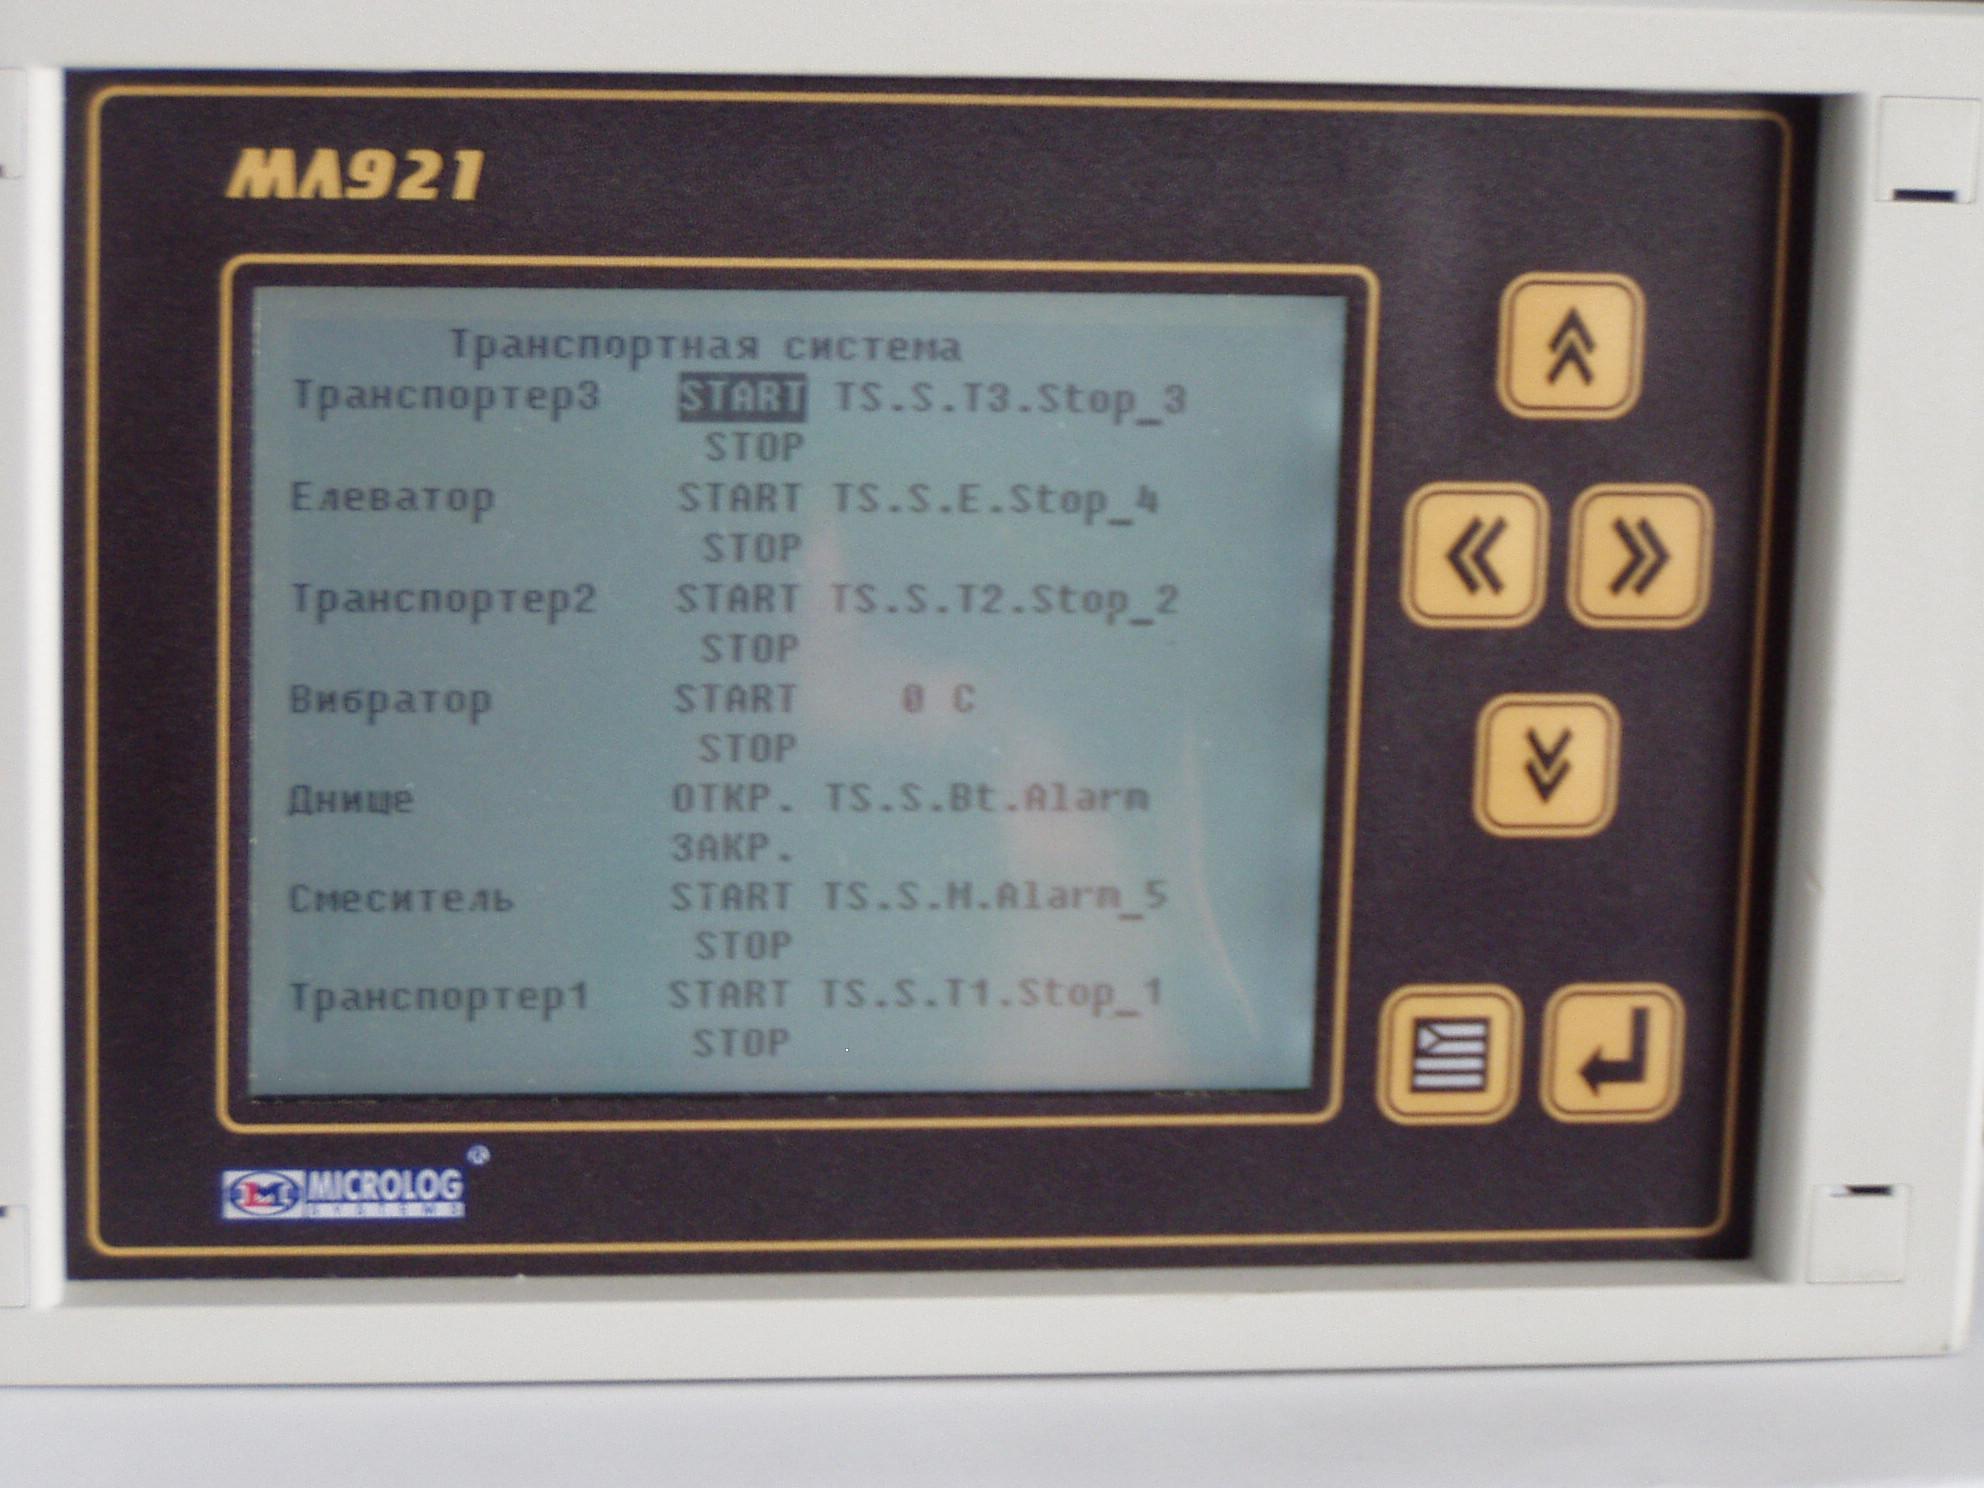 Регистратор параметров МЛ 921